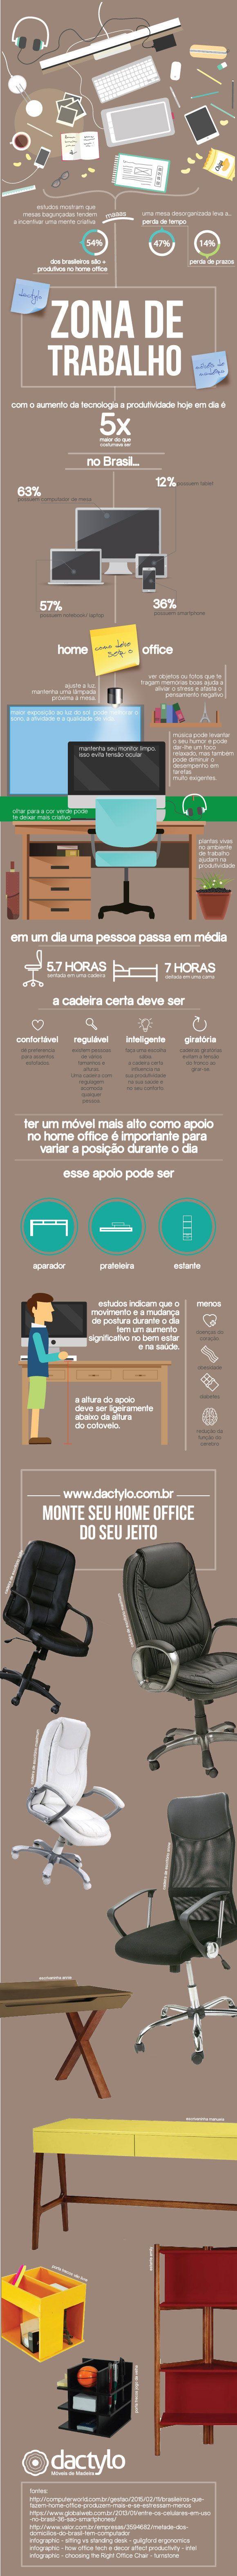 Um infográfico bem interessante sobre como você deve aperfeiçoar seu home office para que sua produtividade aumente e você se sinta melhor trabalhando